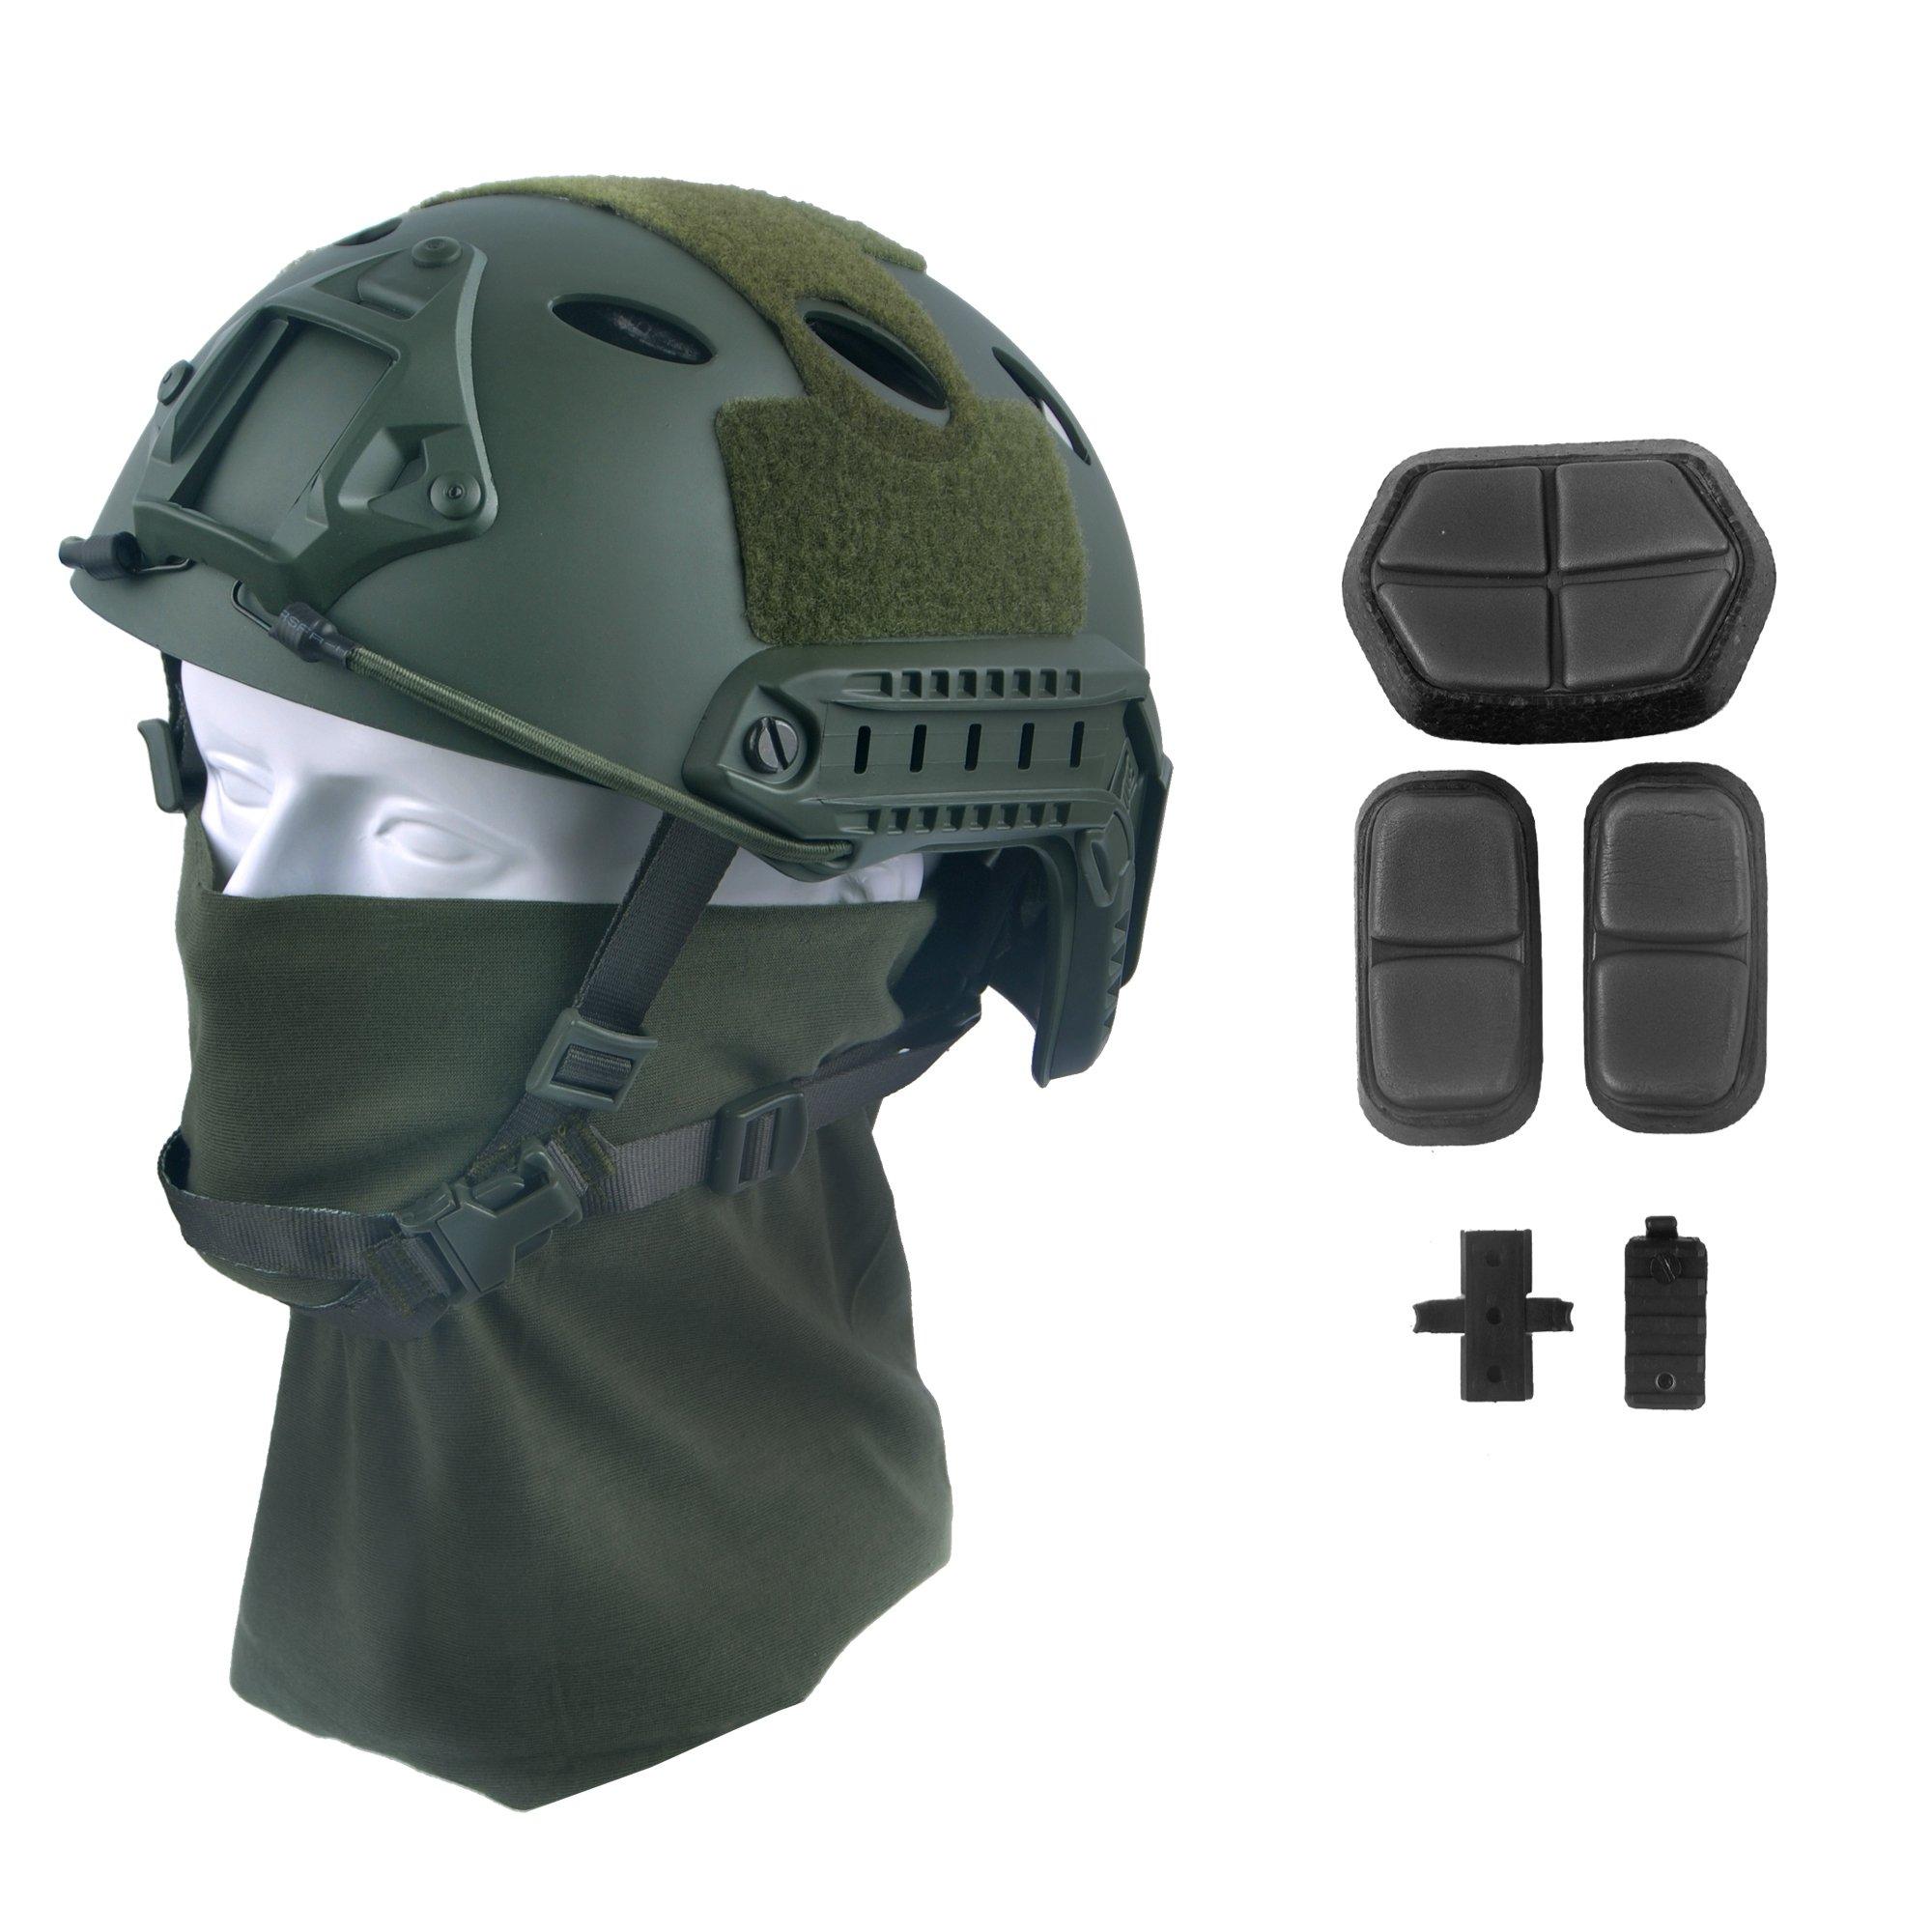 LOOGU Fast PJ Base Jump Military Helmet with 12-in-1 Headwear(GN) by LOOGU